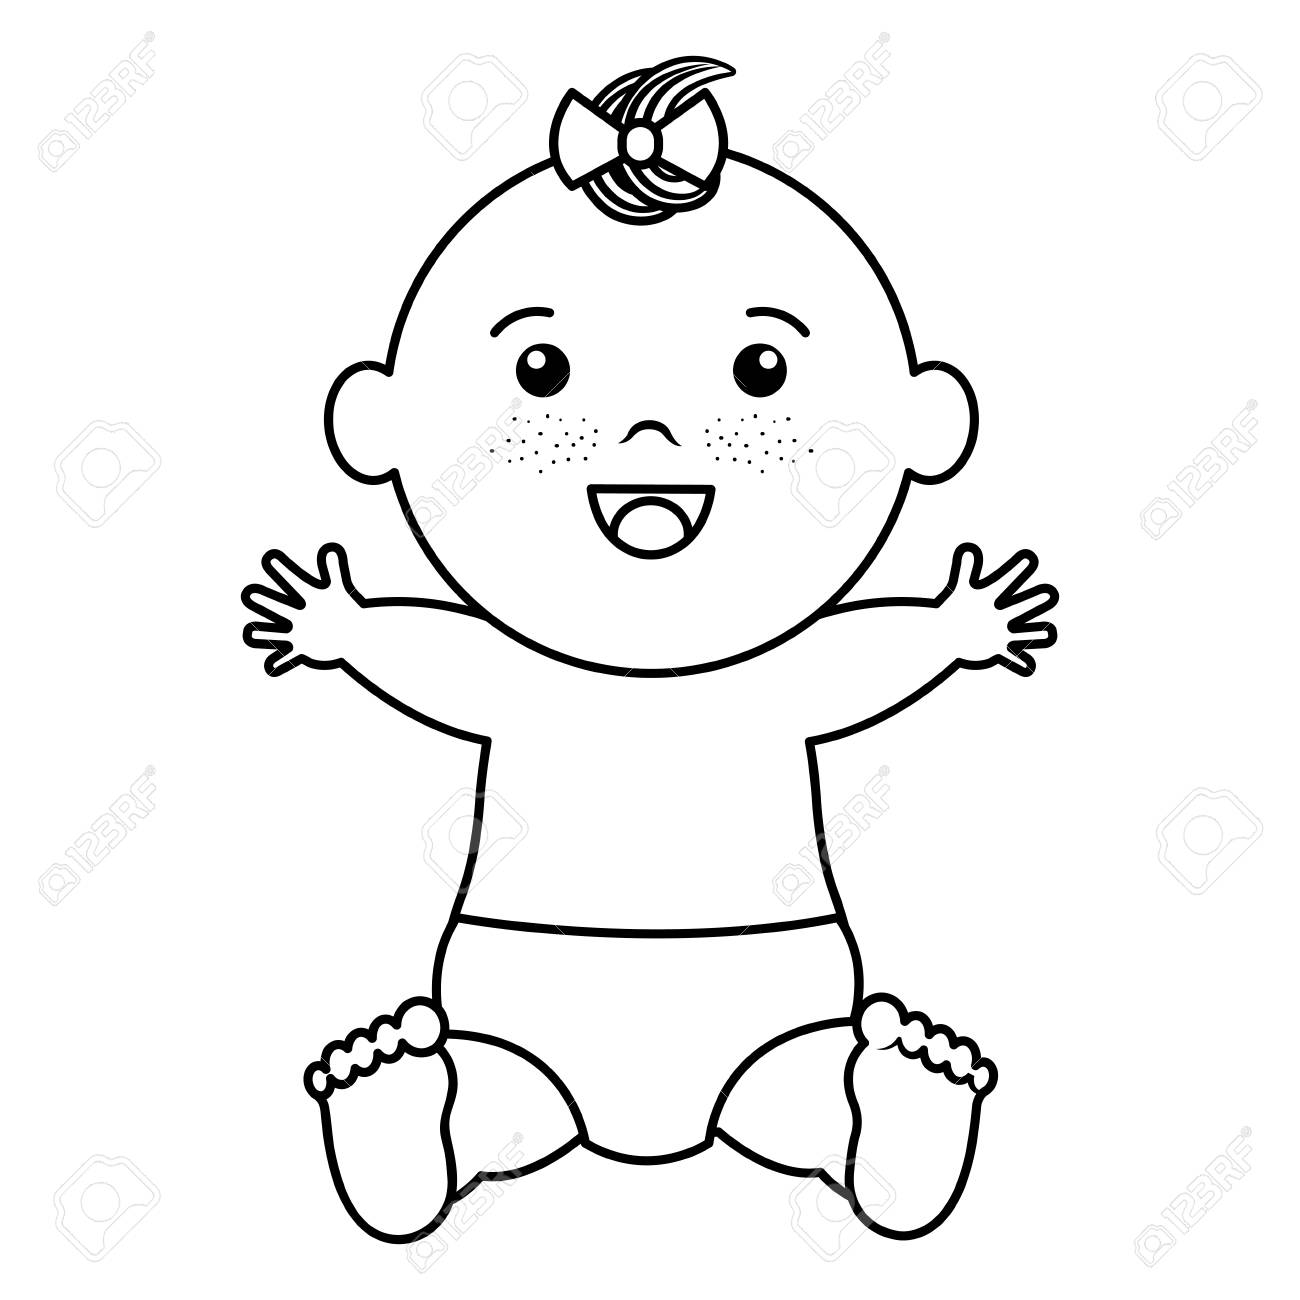 赤ちゃん服ハッピー アイコン ベクトル イラスト デザインを描くの